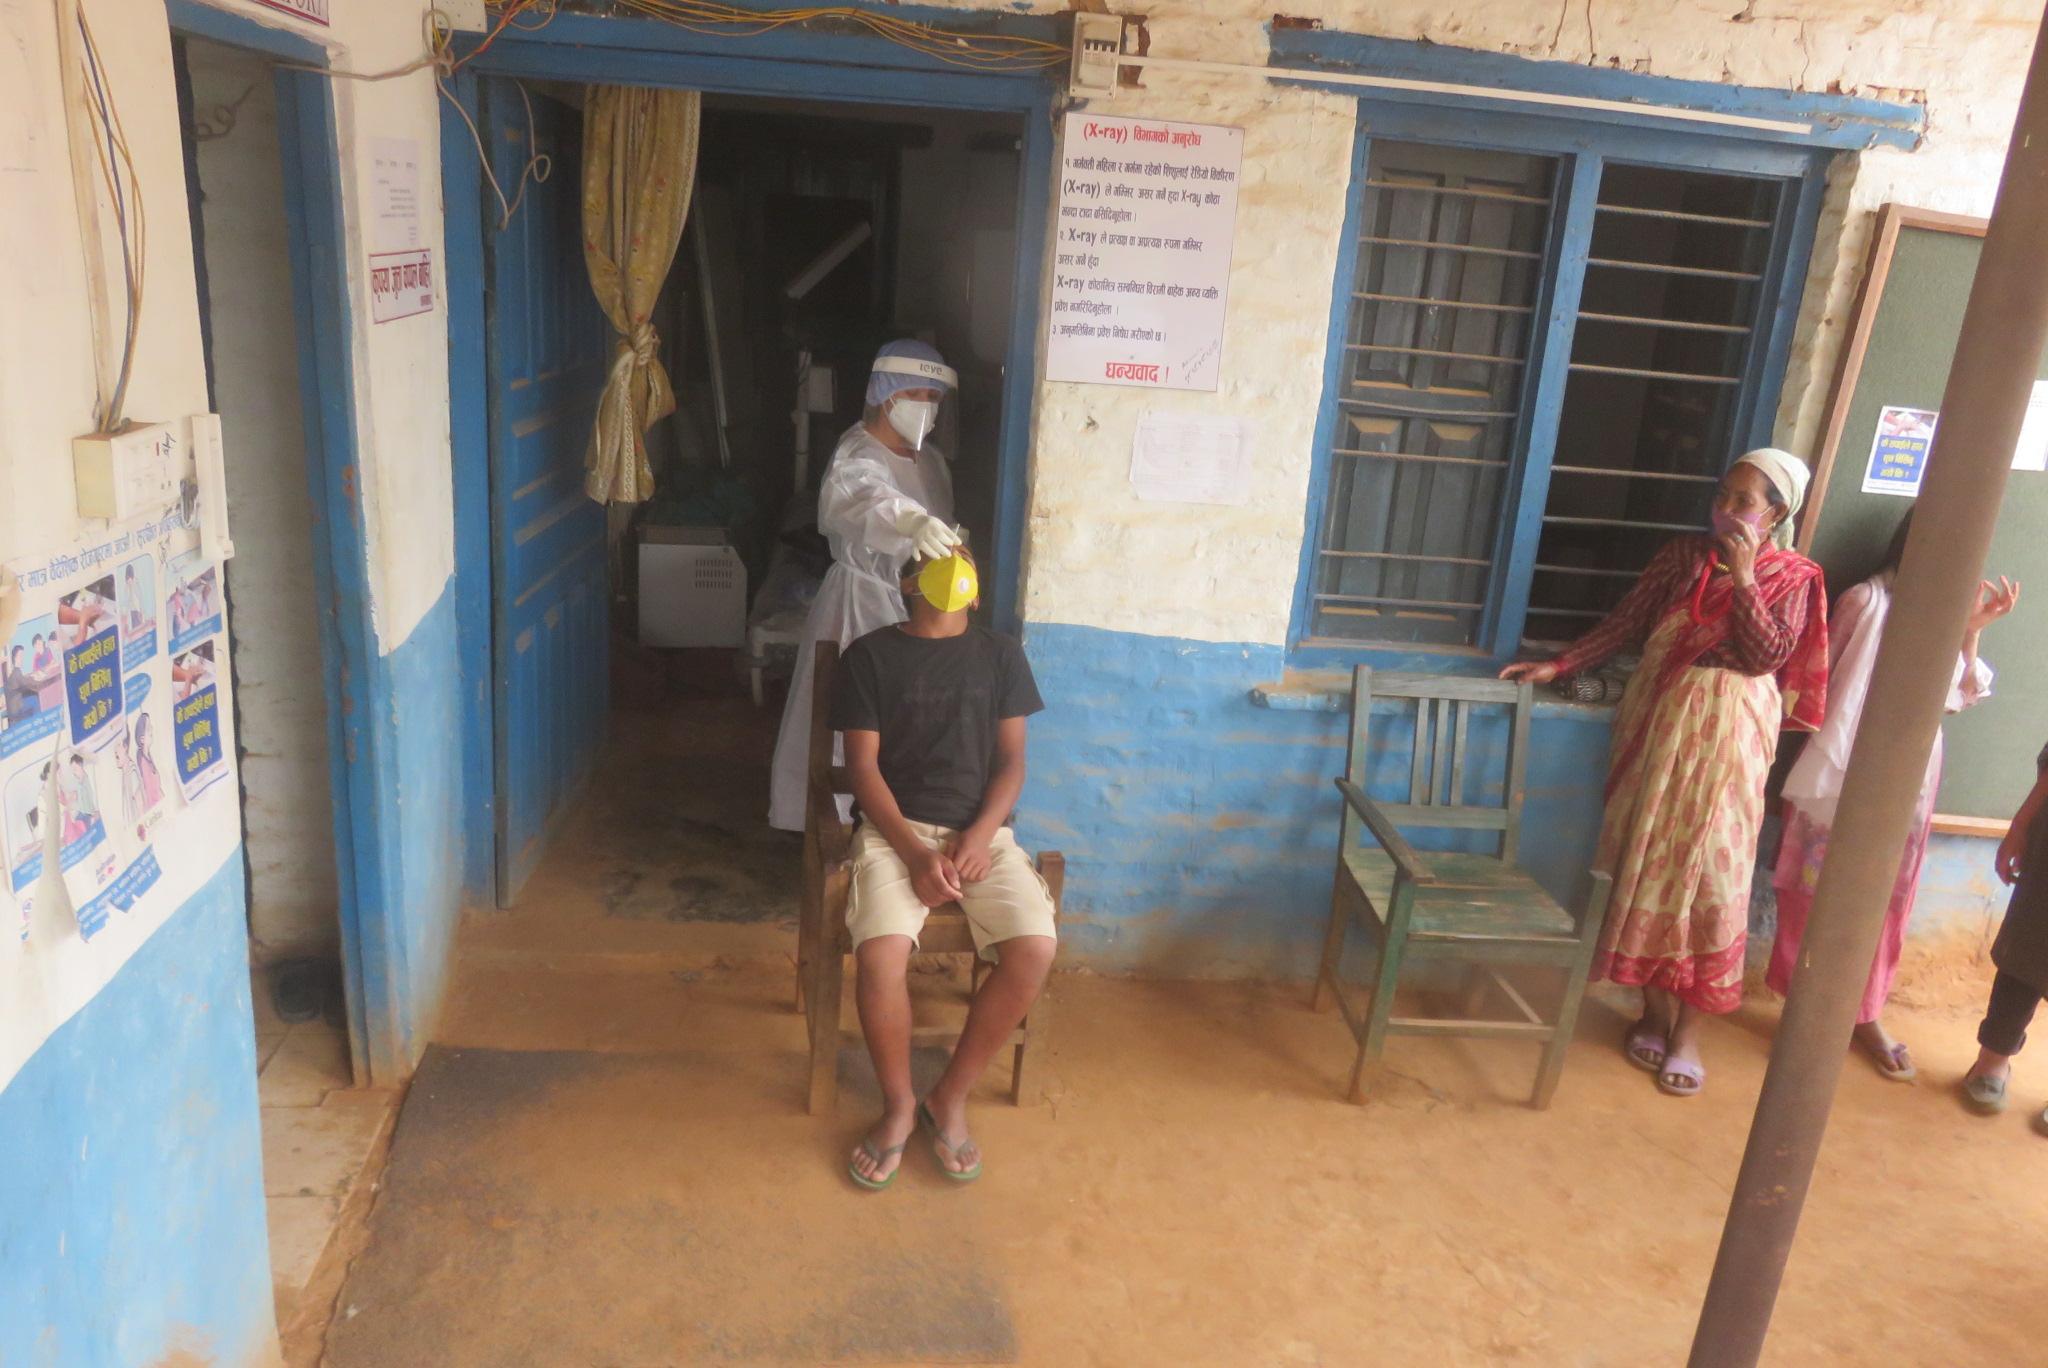 जाजरकोटमा ३२ जना कोरोना संक्रमित थपिए, संक्रमितको संख्या २४४ पुग्यो